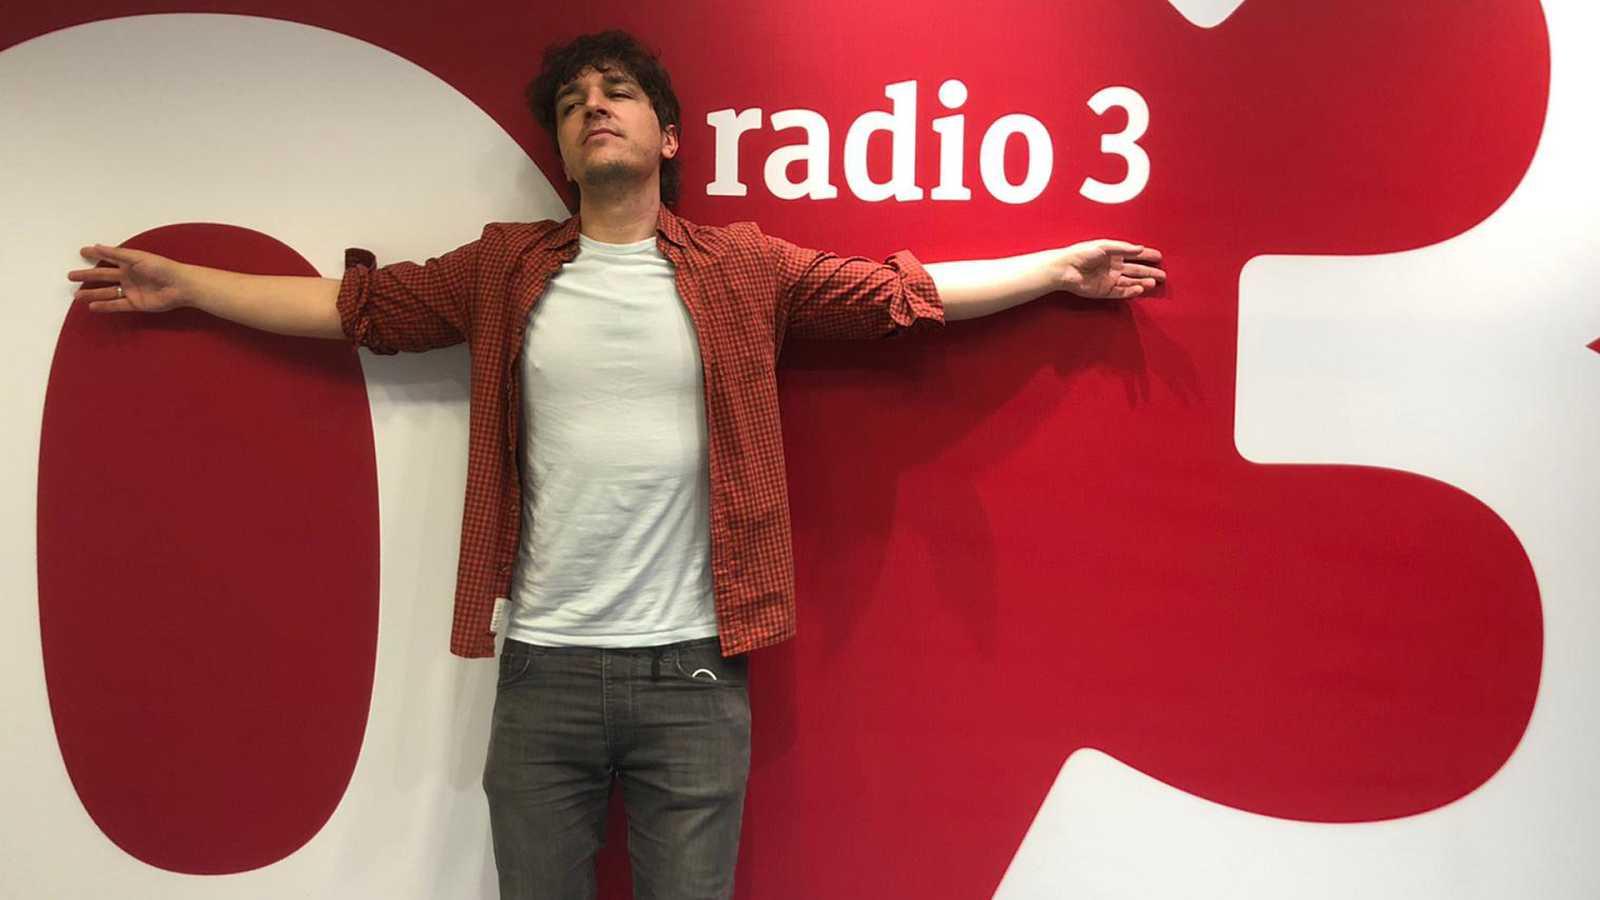 En Radio 3 - Luís Álvaro - 29/05/21 - escuchar ahora